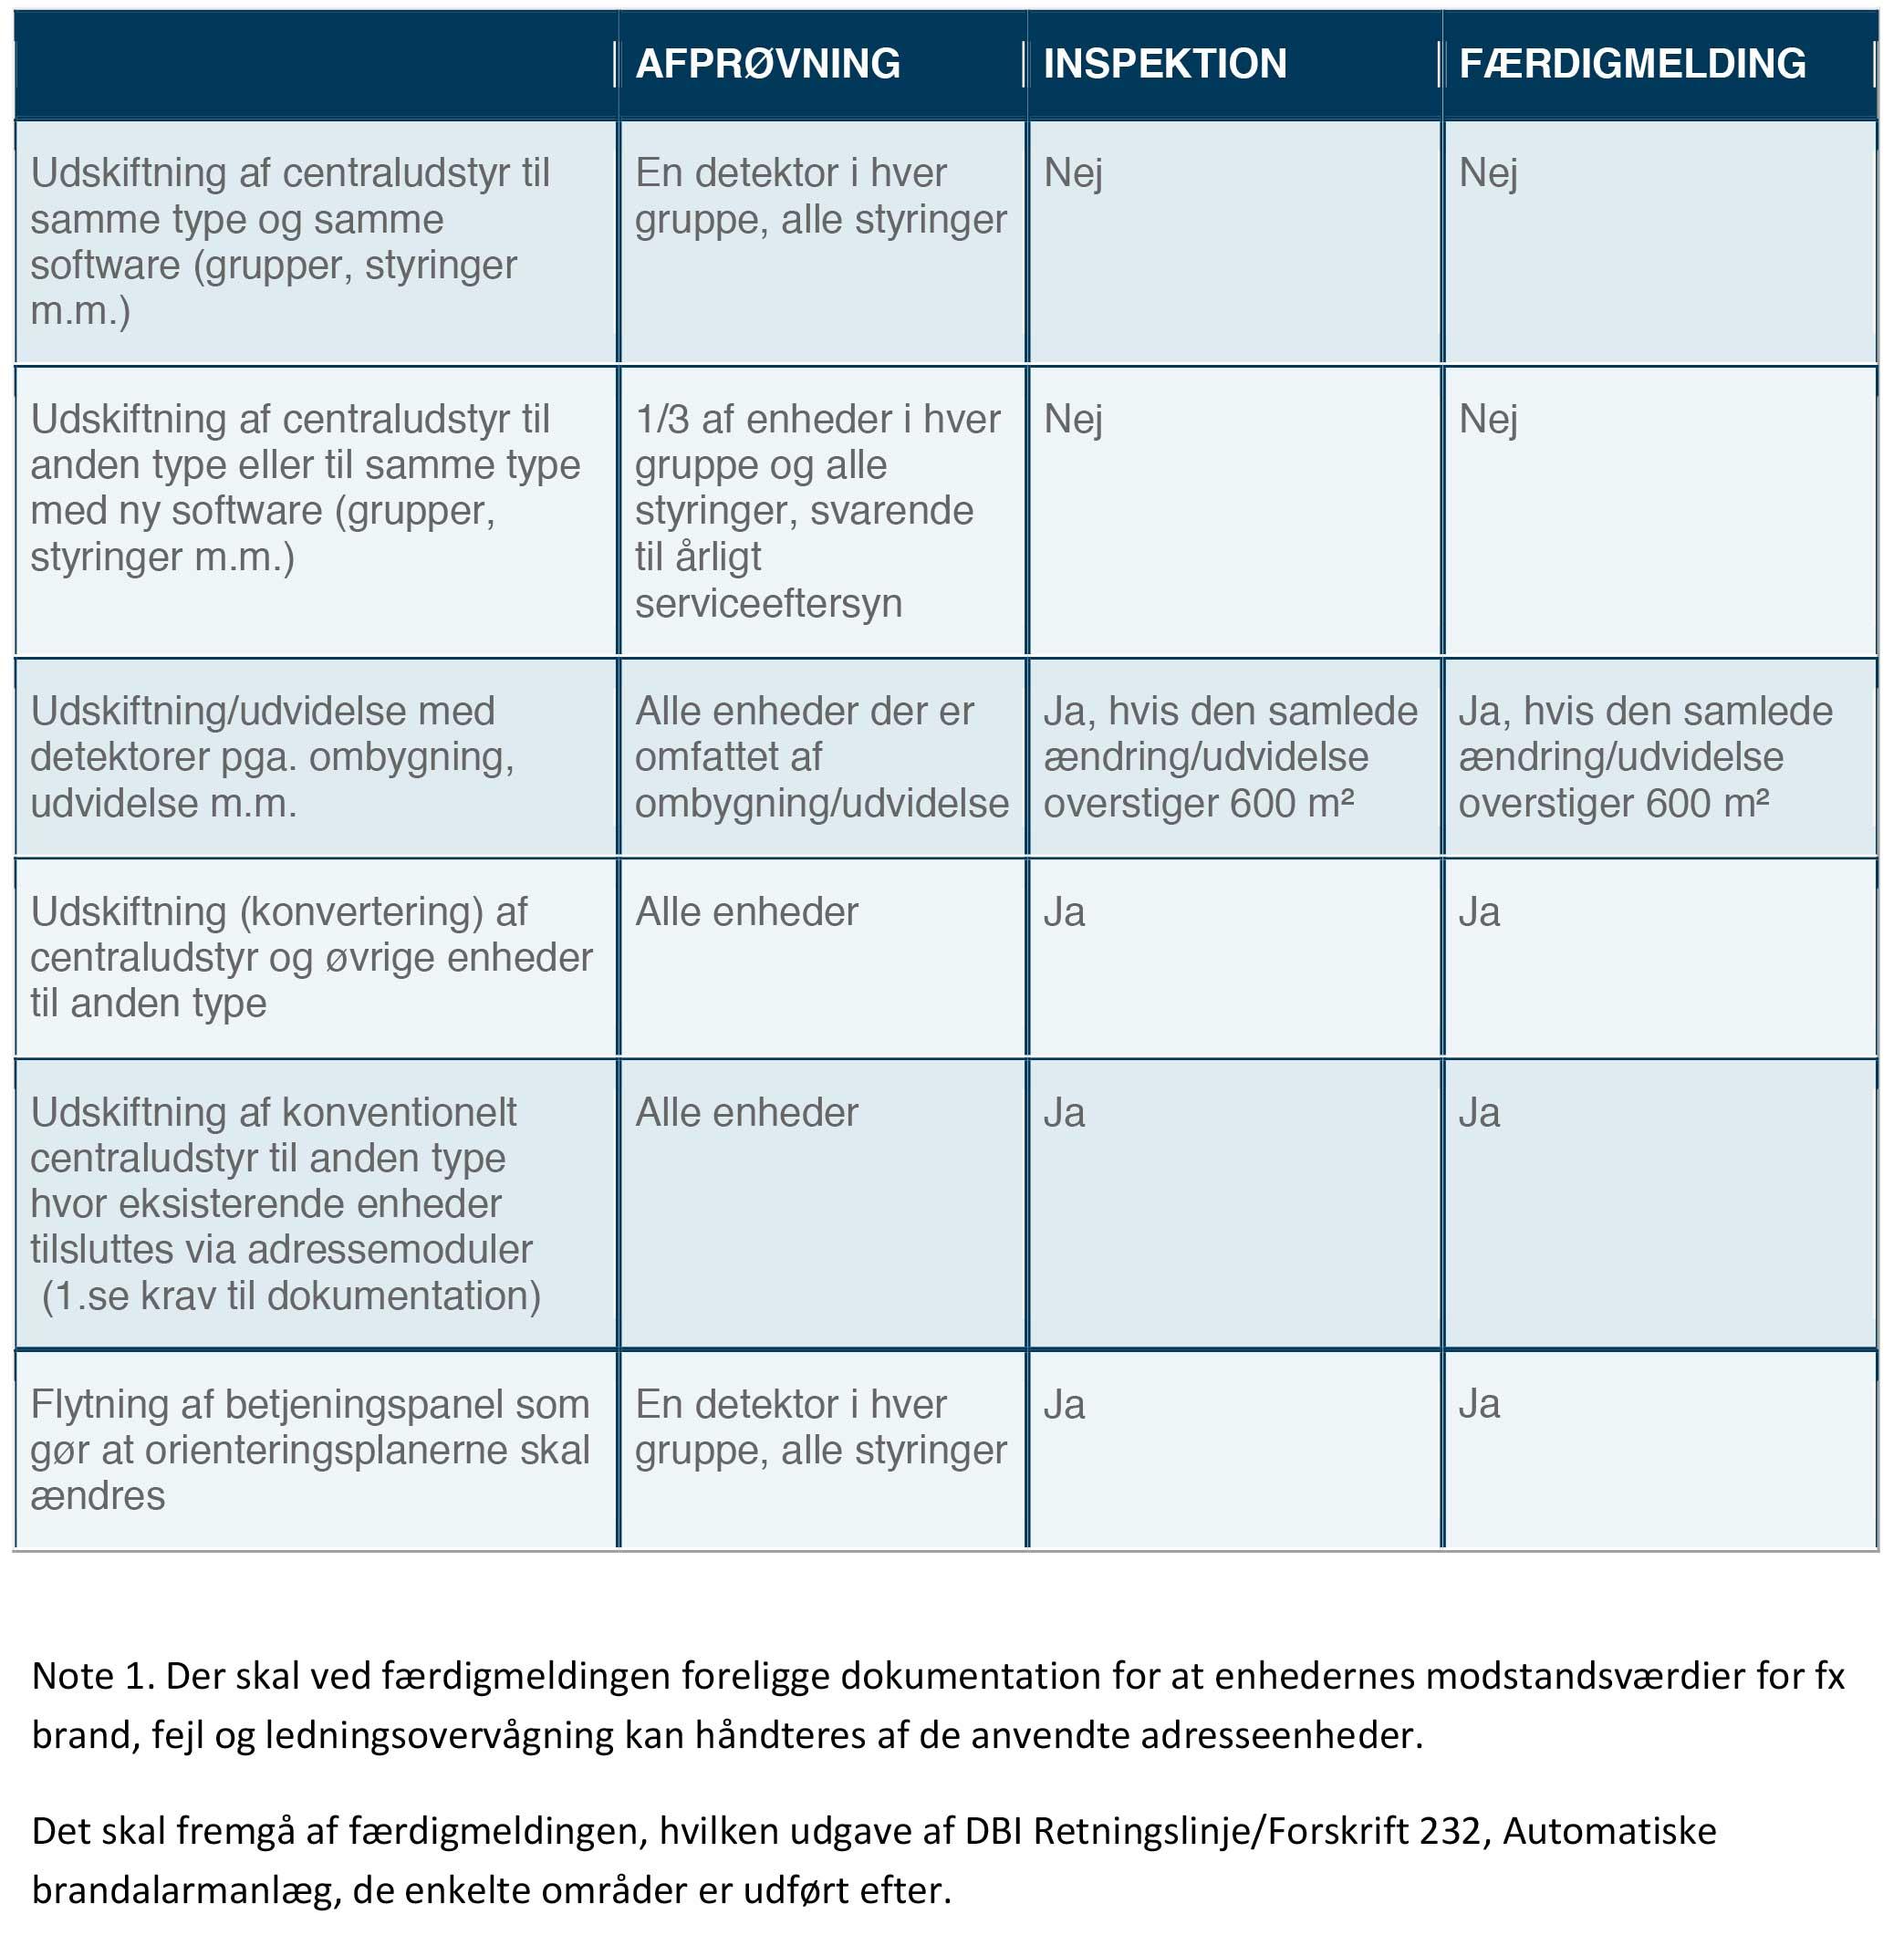 Retningslinjer Færdigmelding - RMG-Inspektion